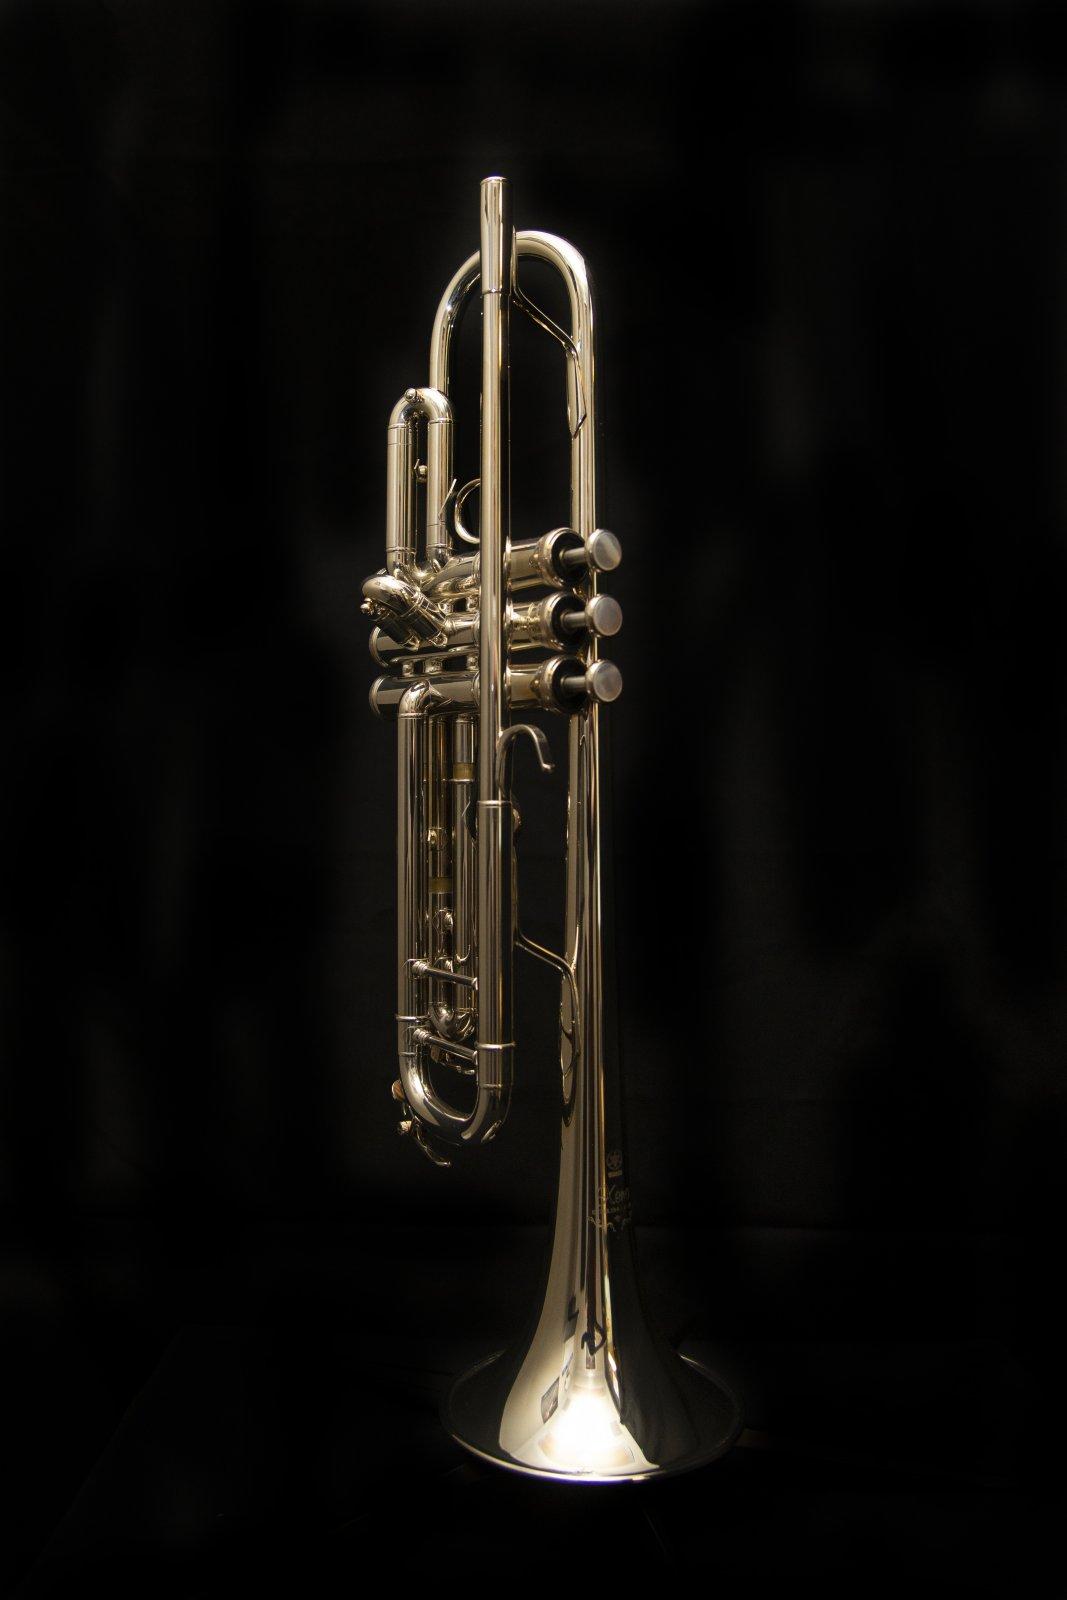 Yamaha YTR-8335IIGS Xeno Bb Trumpet, Silver Plated